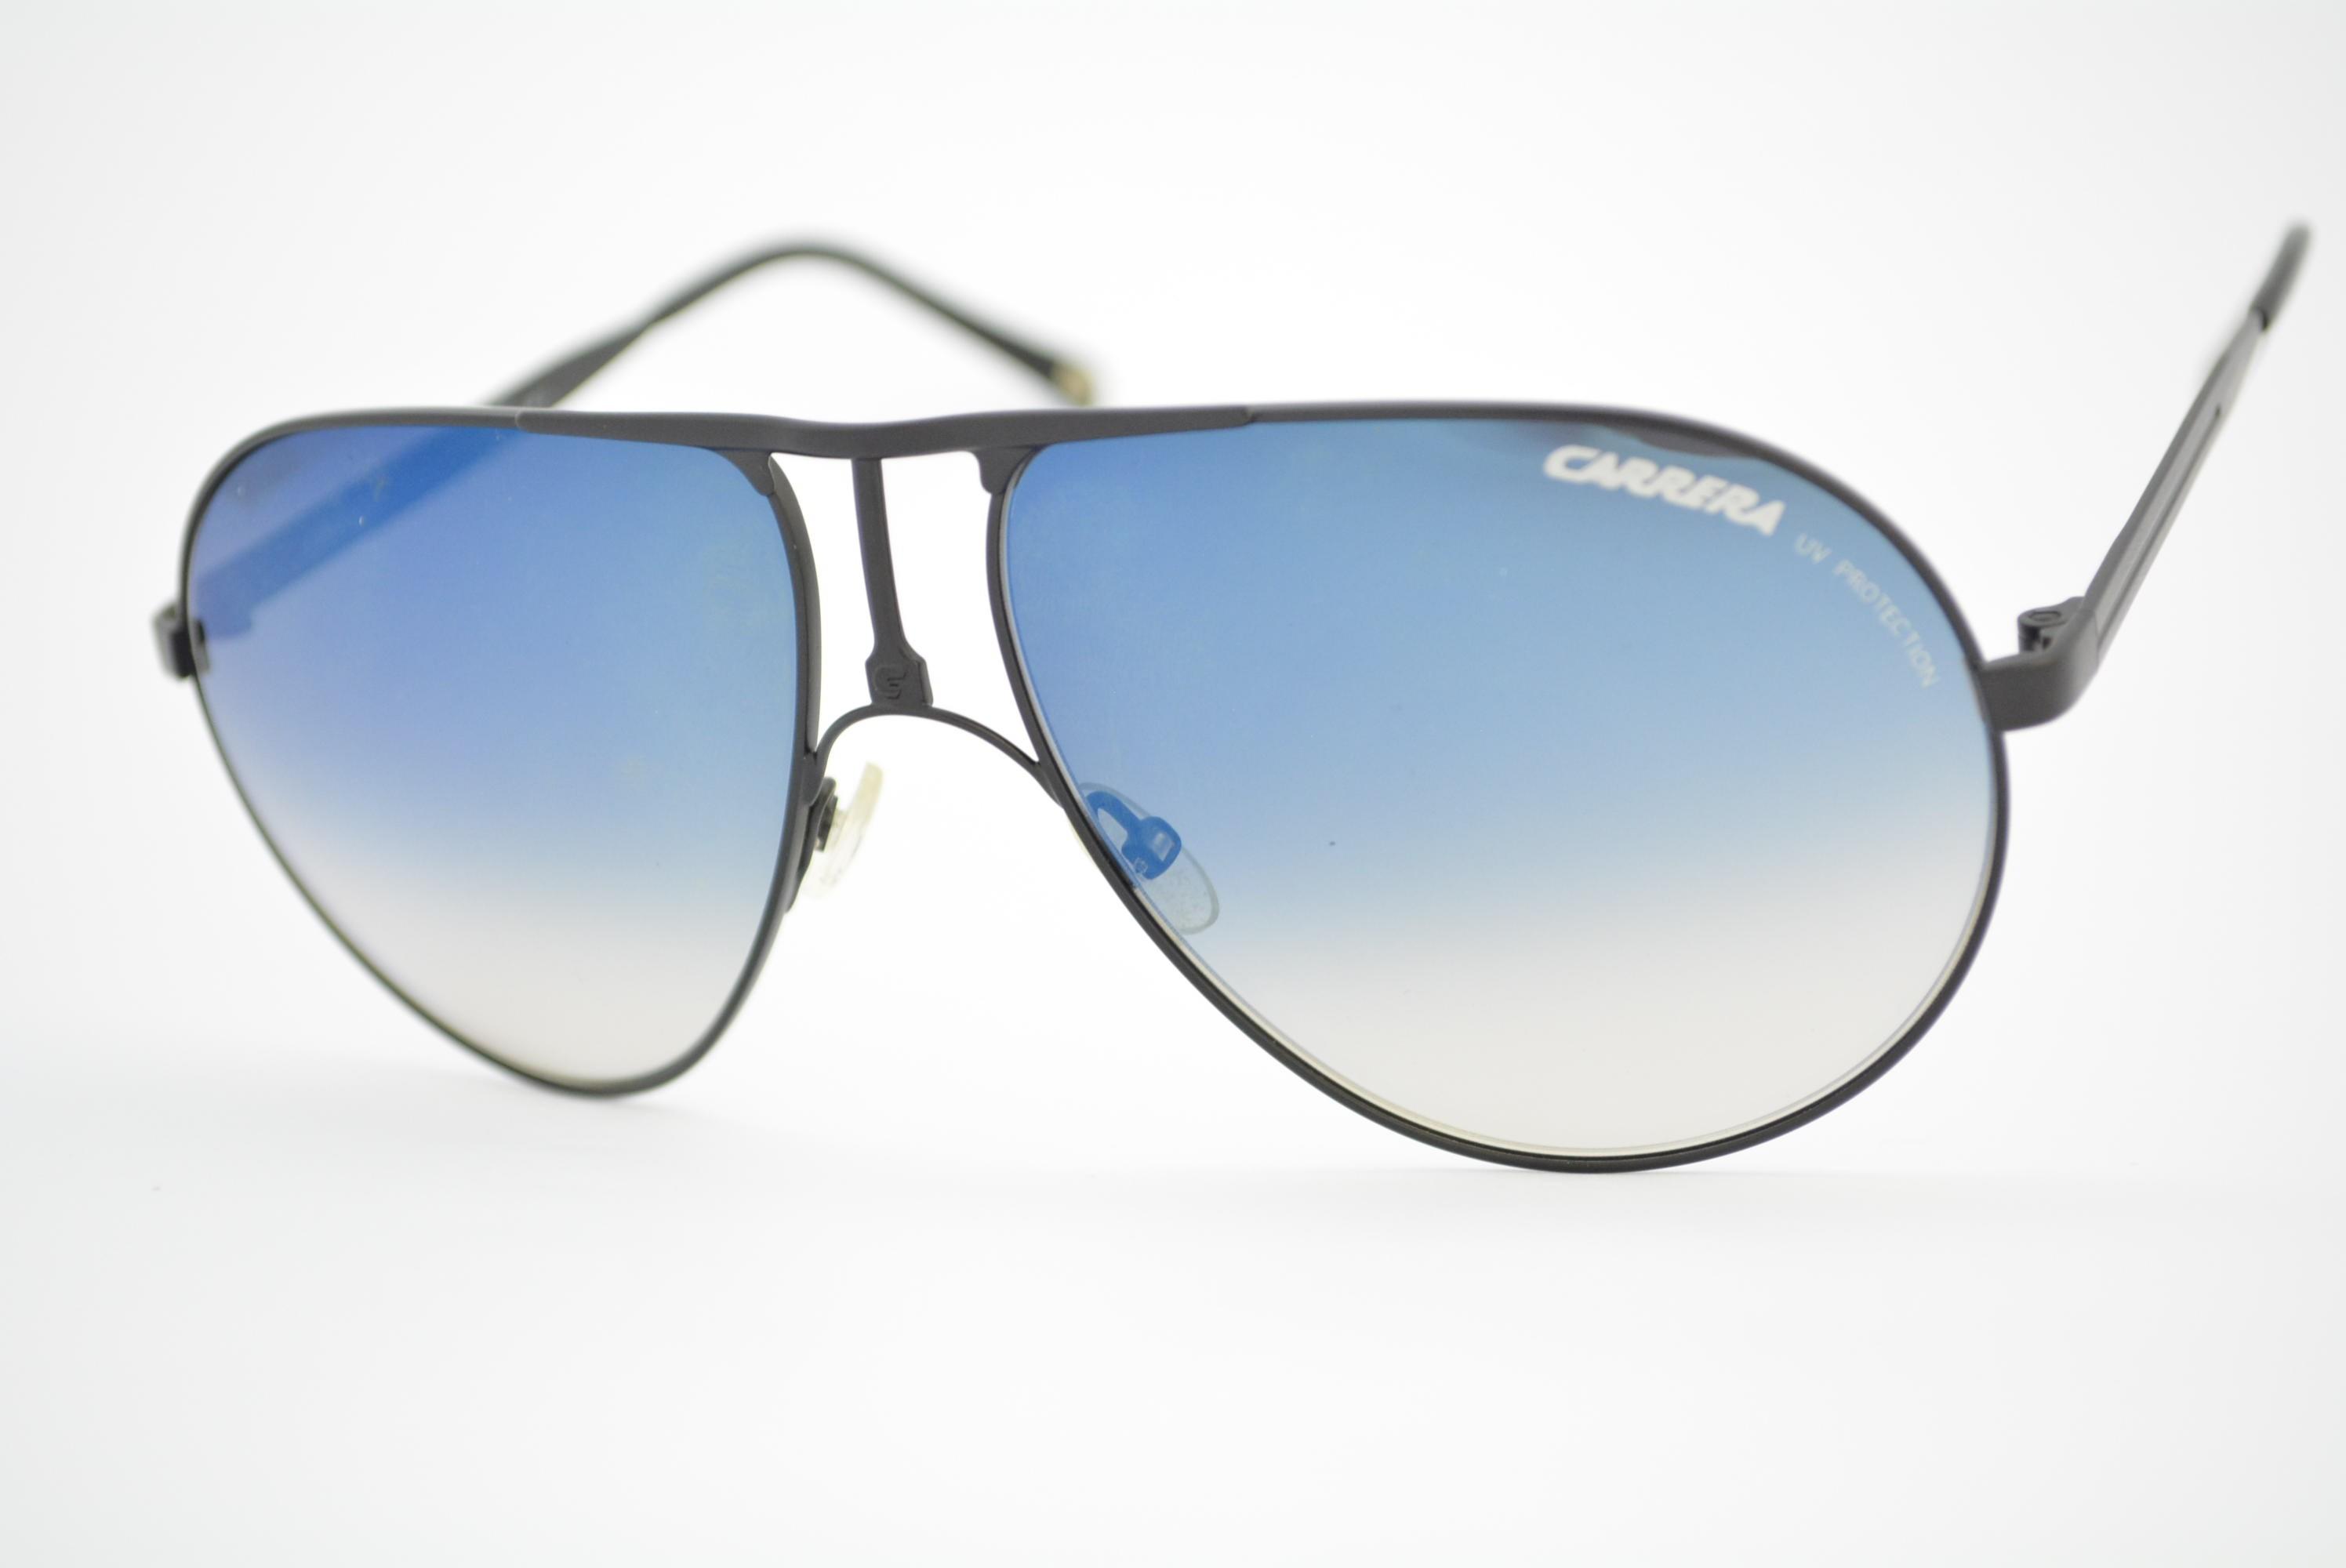 4a14d5f24 óculos de sol Carrera mod Carrera1/B PDEKM Ótica Cardoso